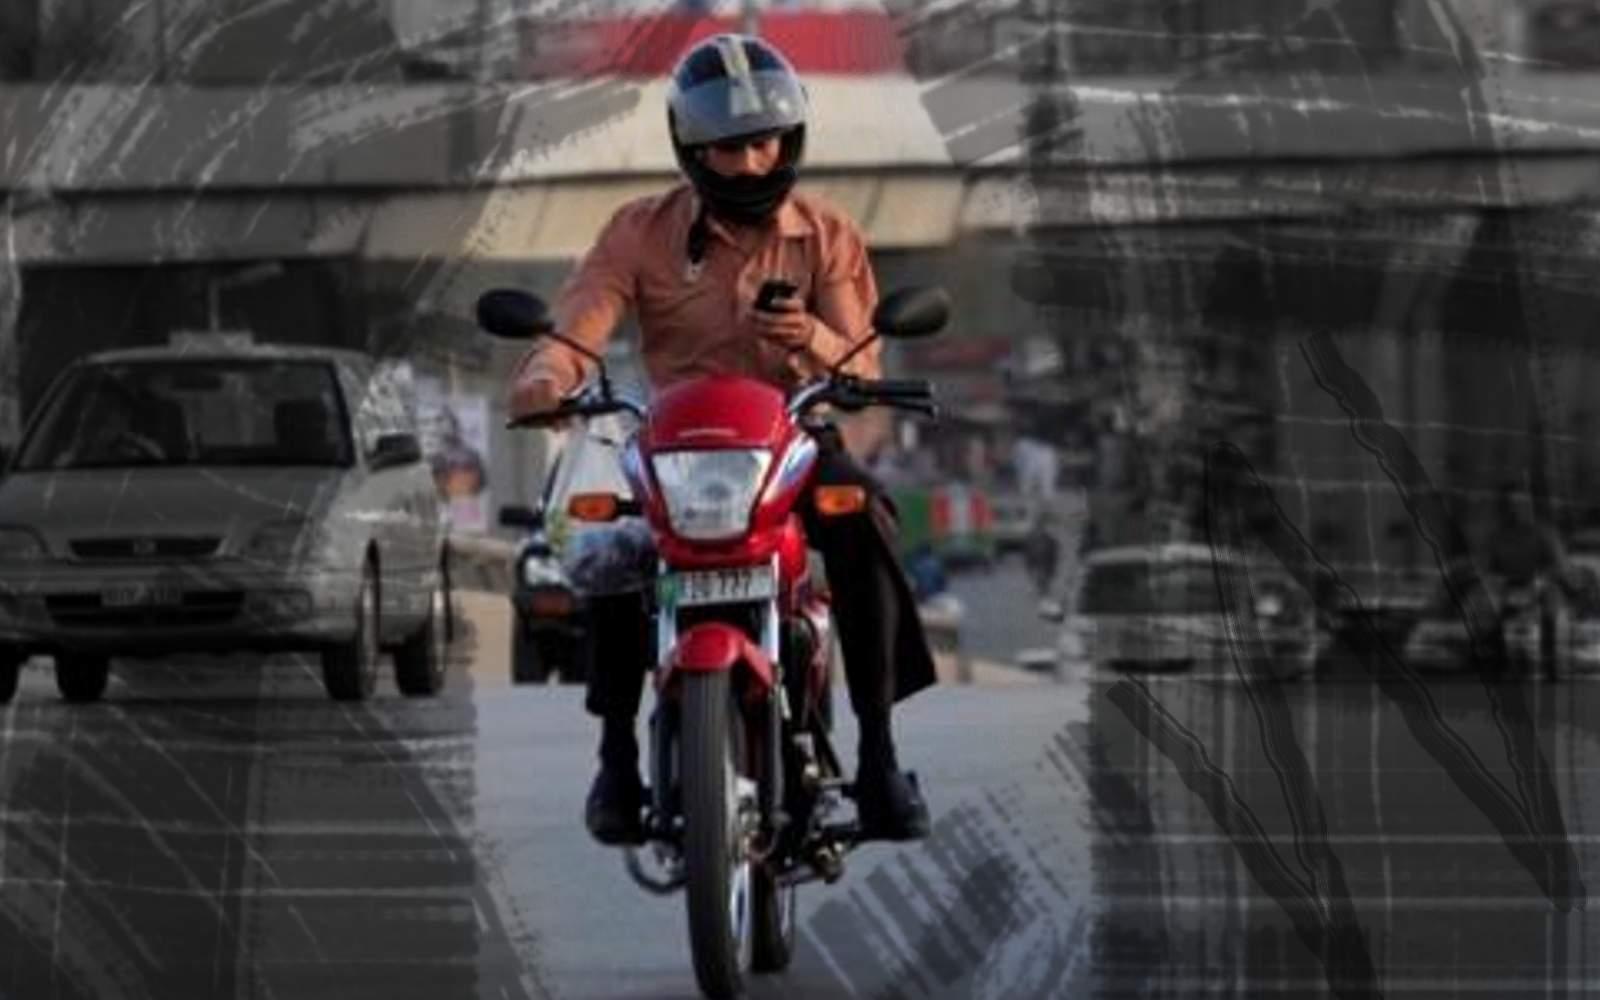 apaçi motosikletçi kapak görseli